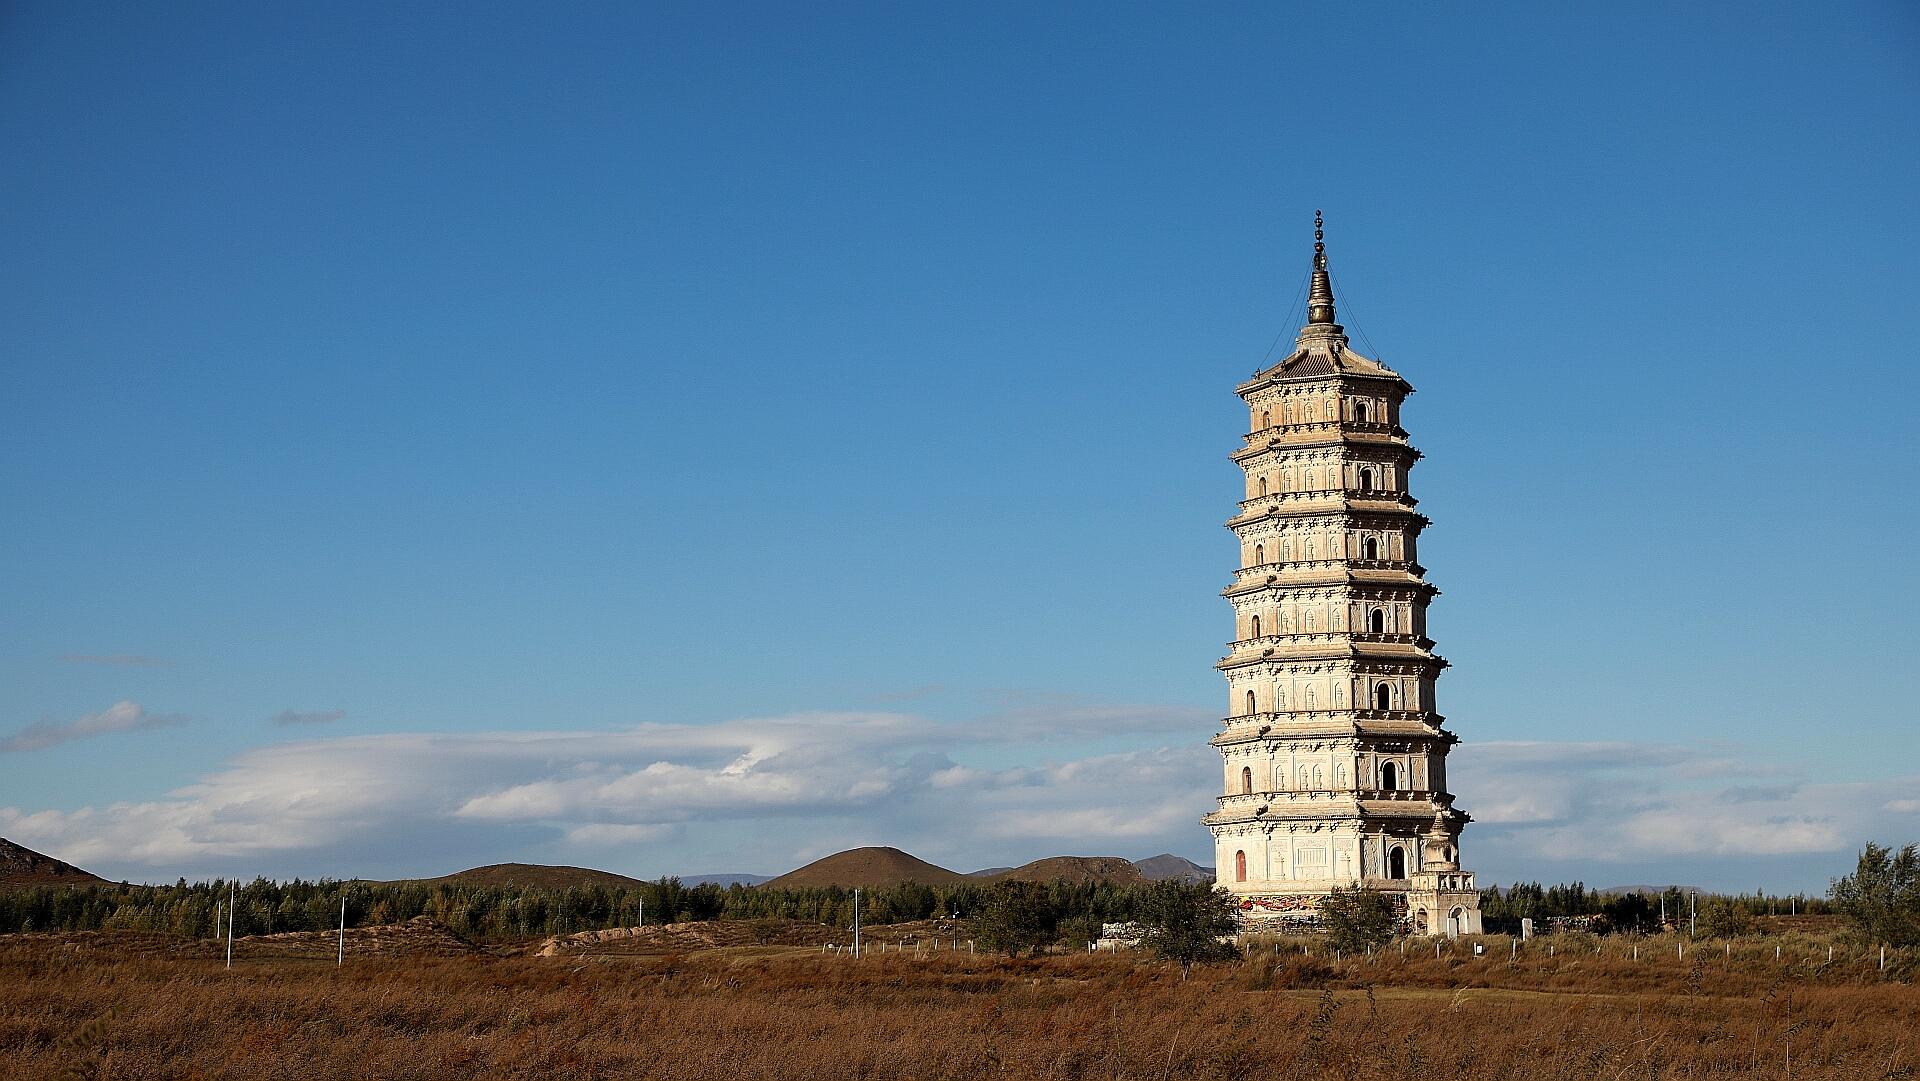 美爆!现在全中国一半摄影师都来拍的地方,究竟有多美?